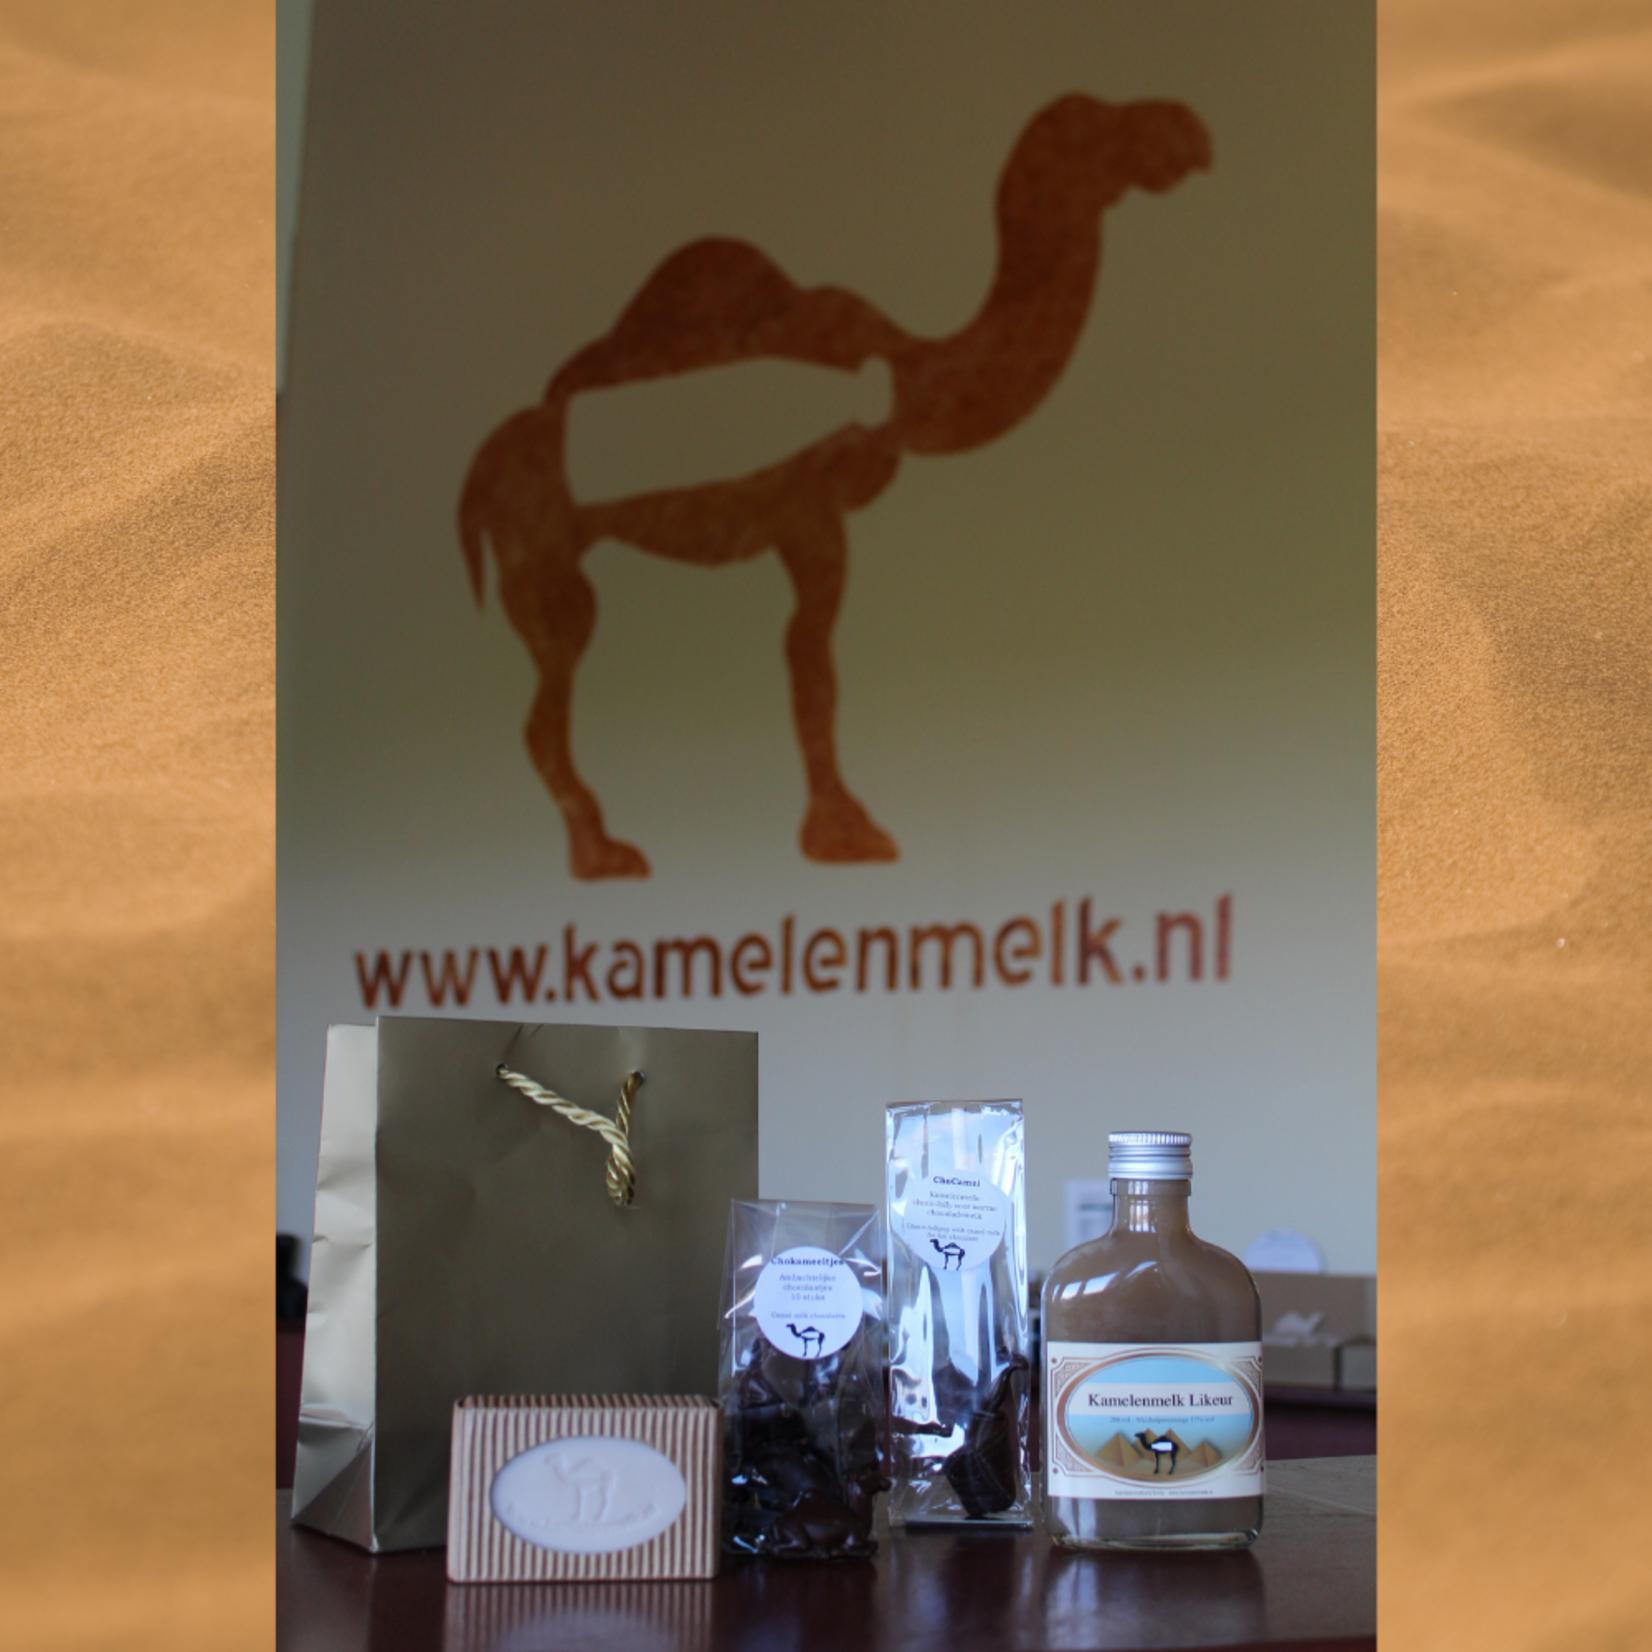 Paquet cadeau de chameau 2 avec du savon de chameau, des jambons, une sucette au chocolat et une bouteille de liqueur de lait de chameau